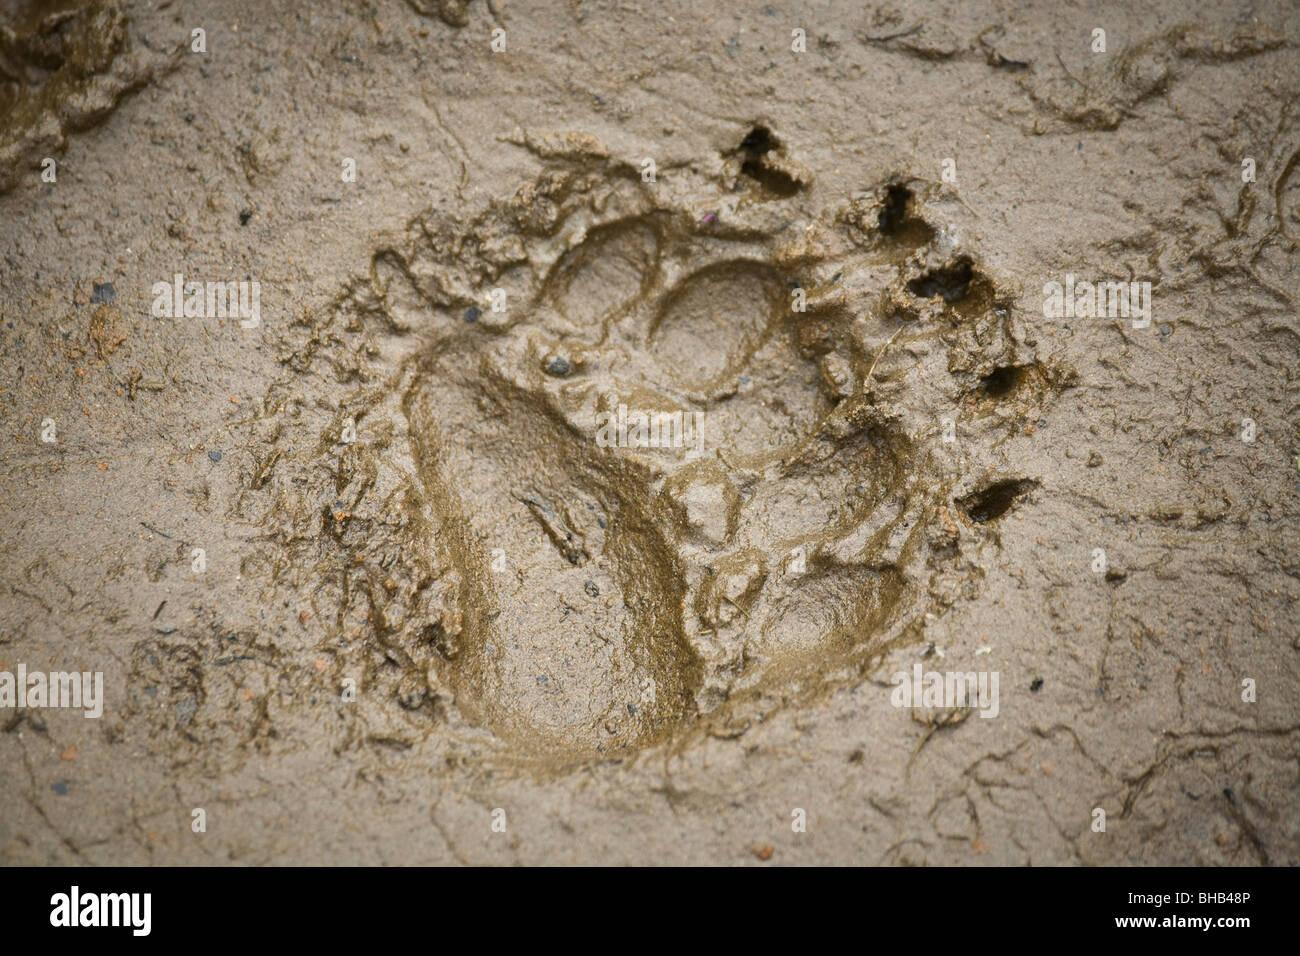 Orso bruno via nel fango sulla riva del fiume Grandi Laghi in Alaska centromeridionale durante l'estate Immagini Stock